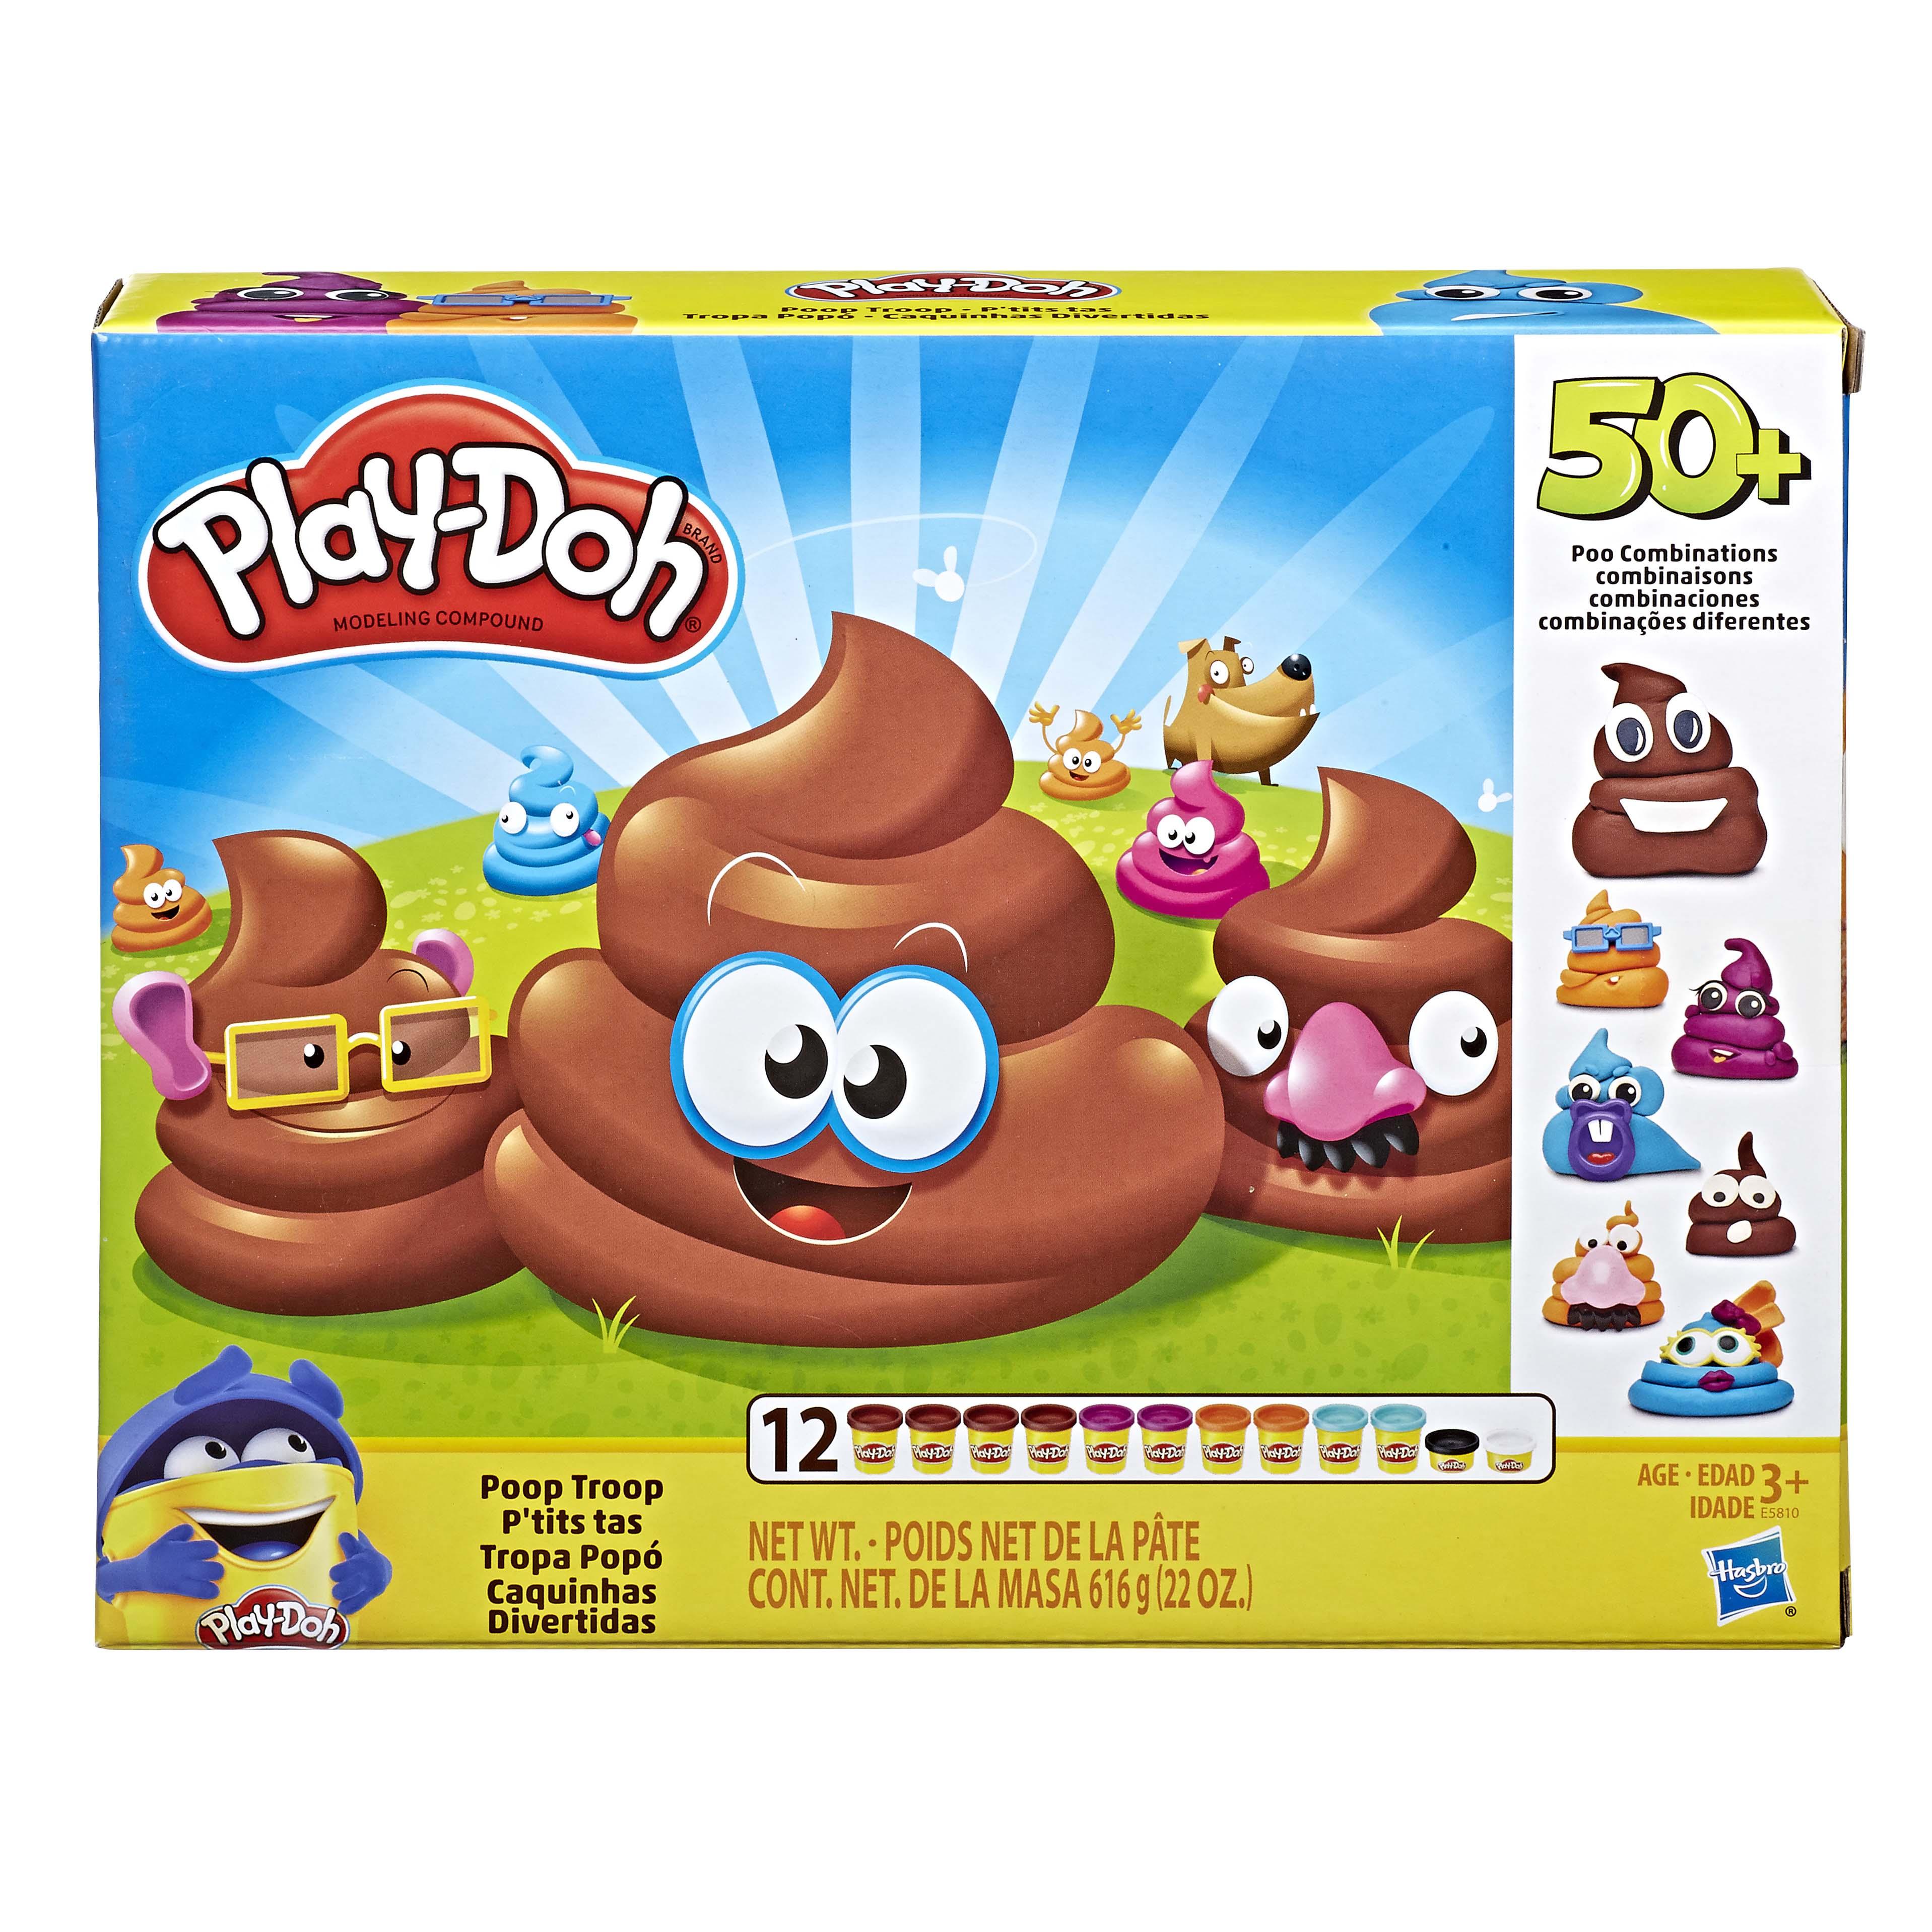 Afbeelding van Play-Doh Dwaze Drollen